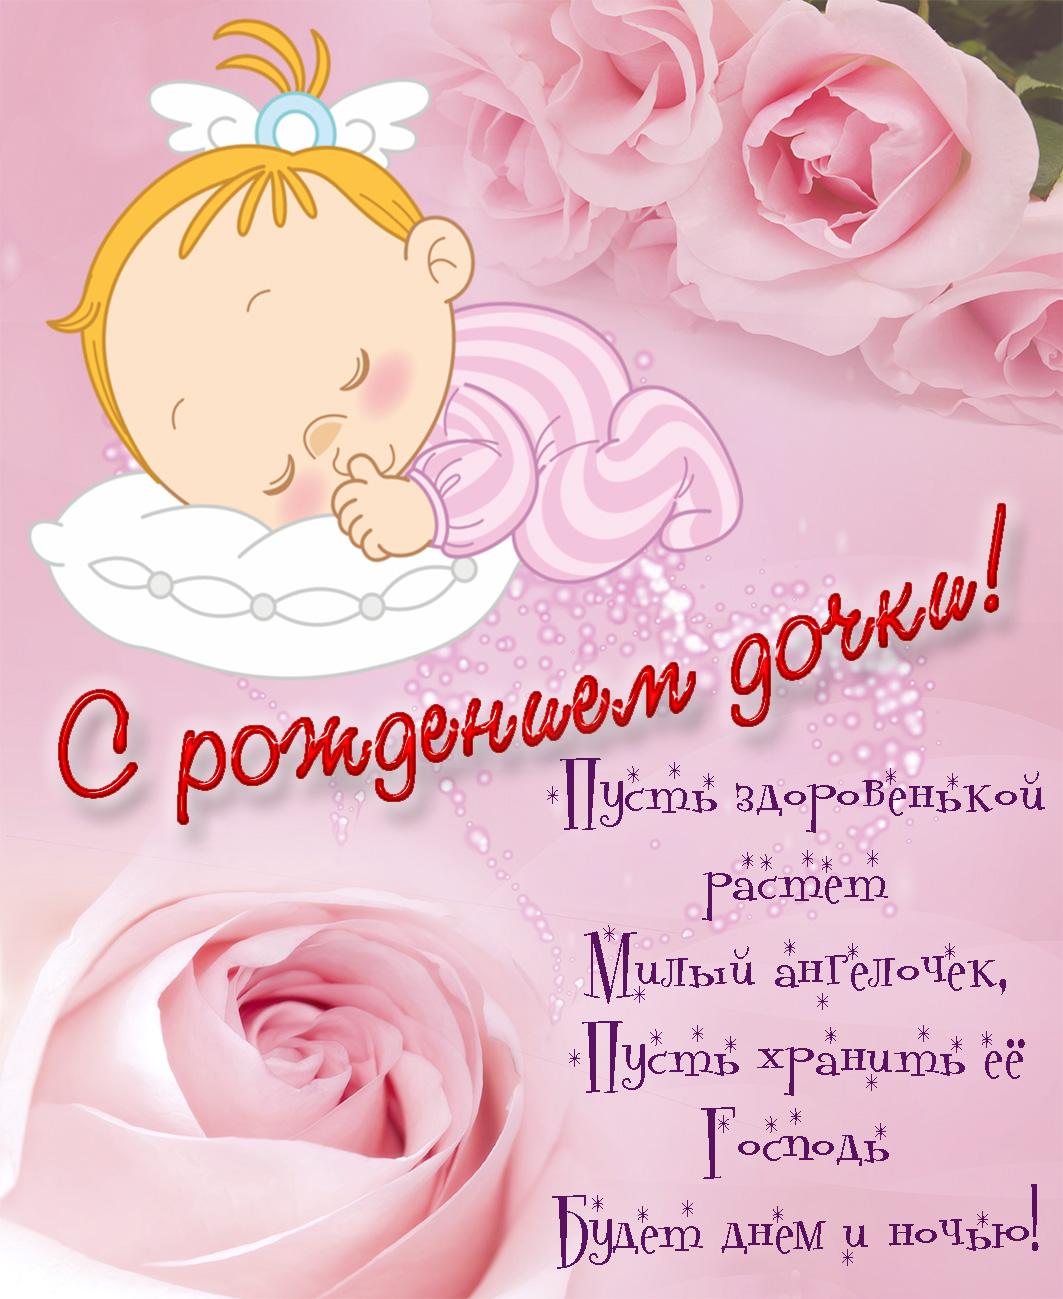 Открытка - новорожденная в оформлении из розочек